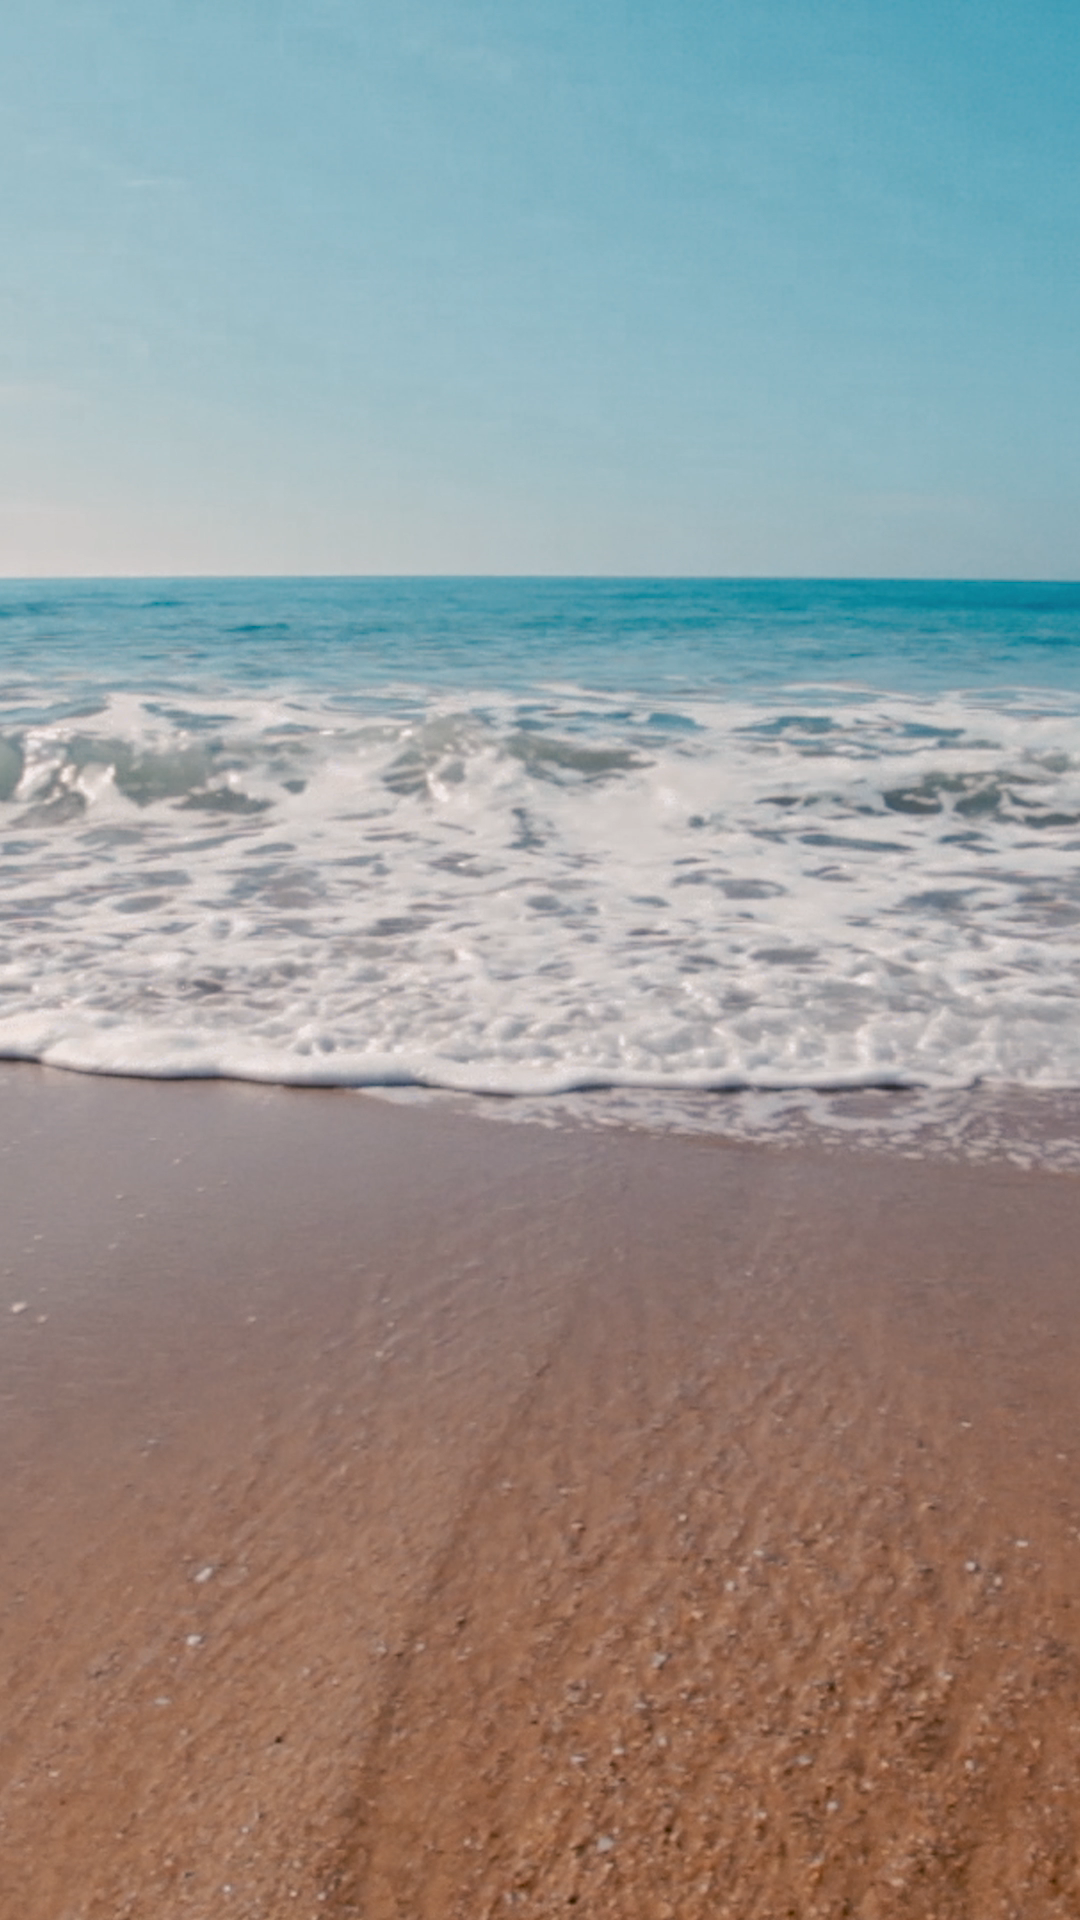 Disfruta de momentos únicos en casas únicas. Escápate a la orilla del mar y encuentra tu hogar entre las mejores casas de verano en Airbnb.